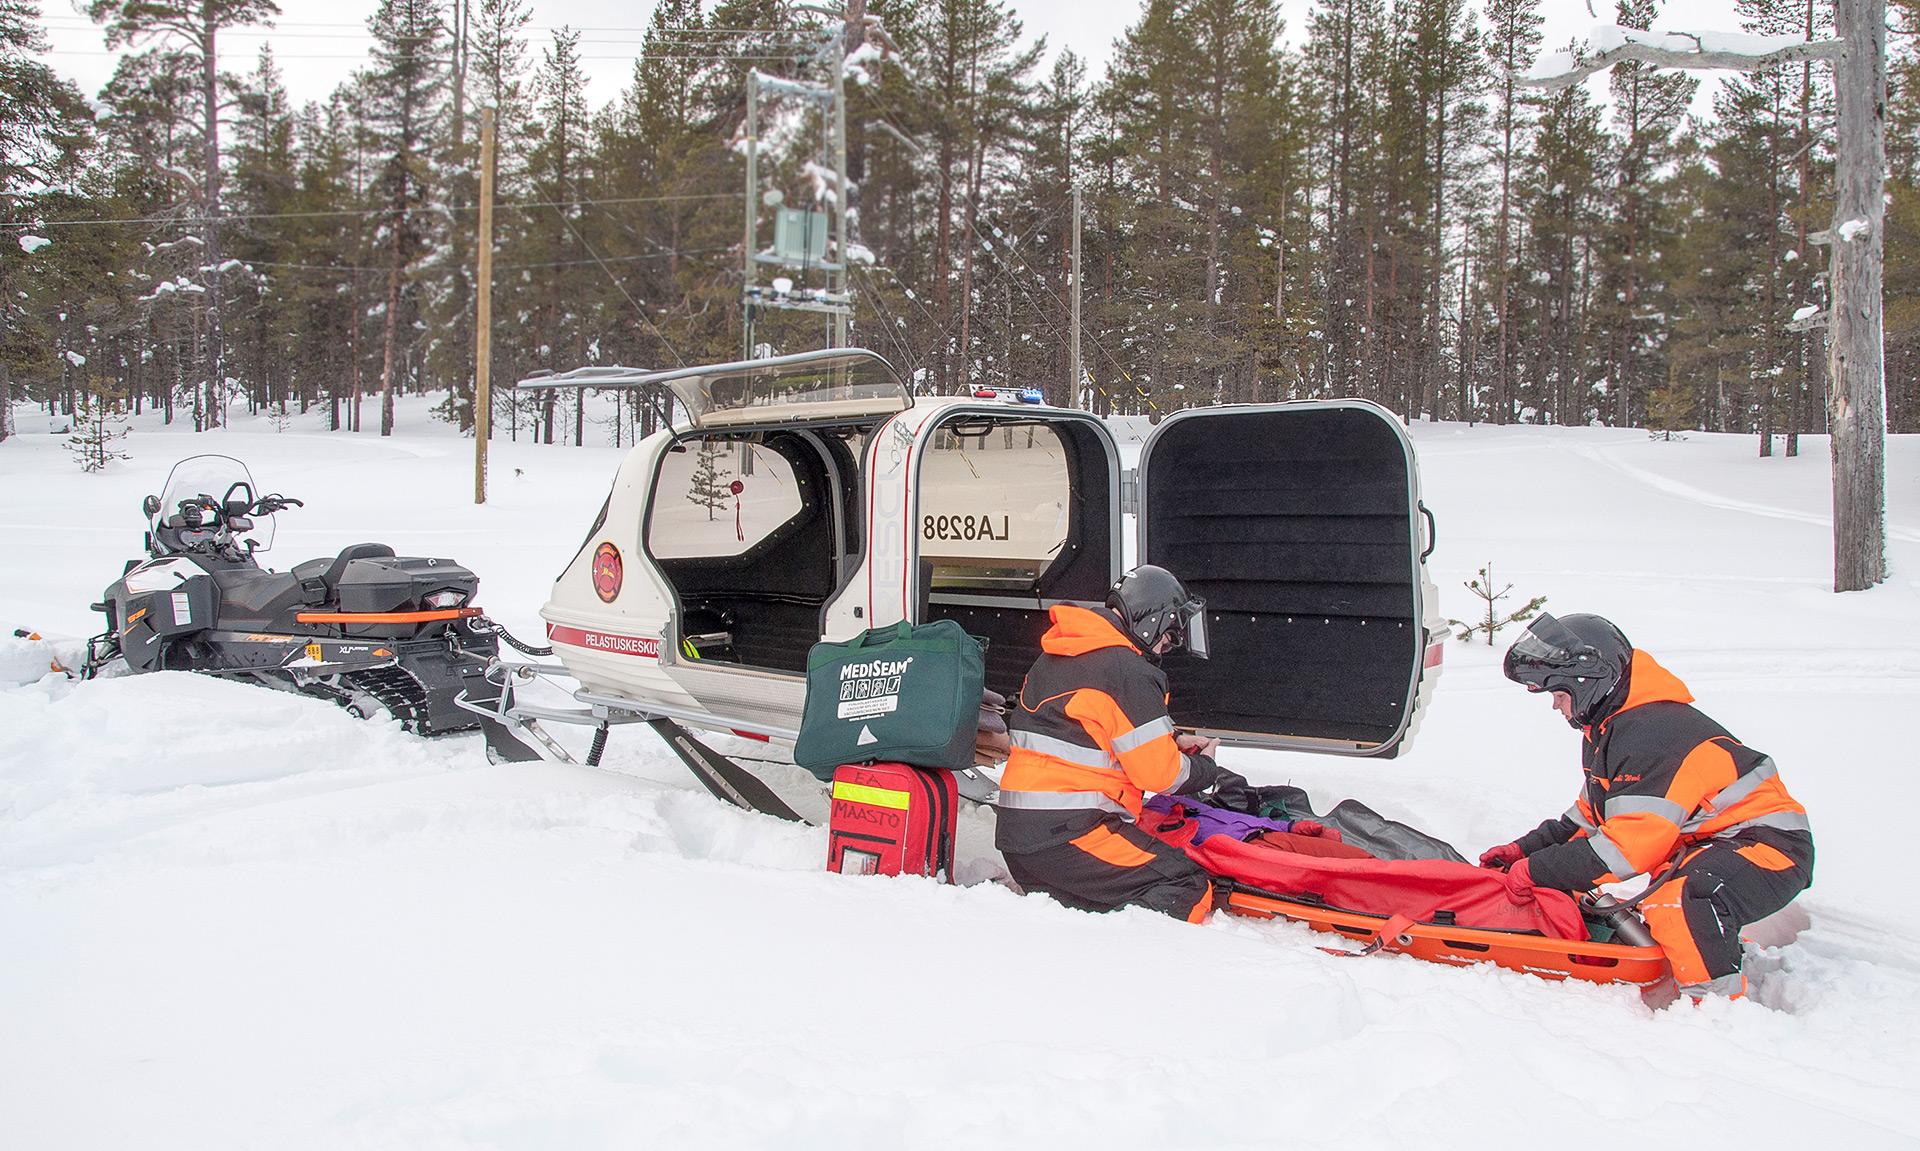 Saariselän VPK:n henkilöstö on saanut vaikuttaa pelastusrekensä kehittämiseen vuosien ajan. Muutoksia on tehty paljon ja niitä on testattu käytännössä.